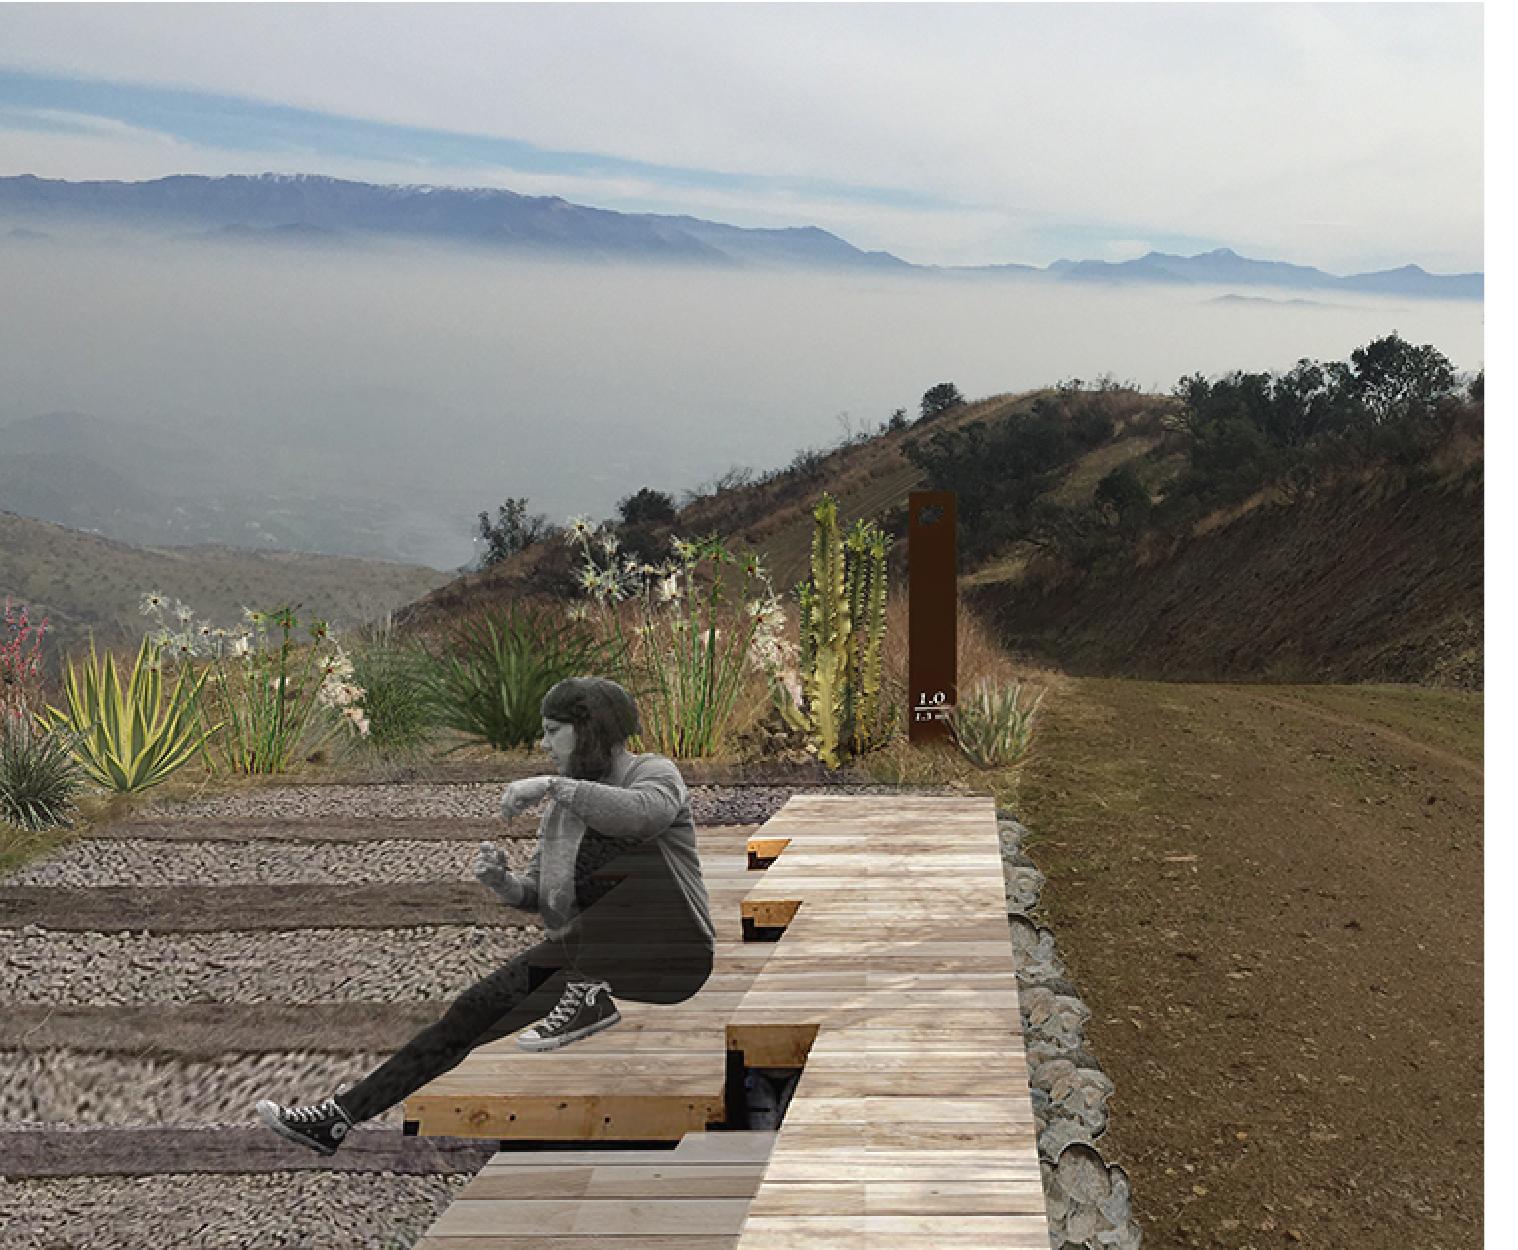 Formato Panoramico La Cumbre-08.jpg